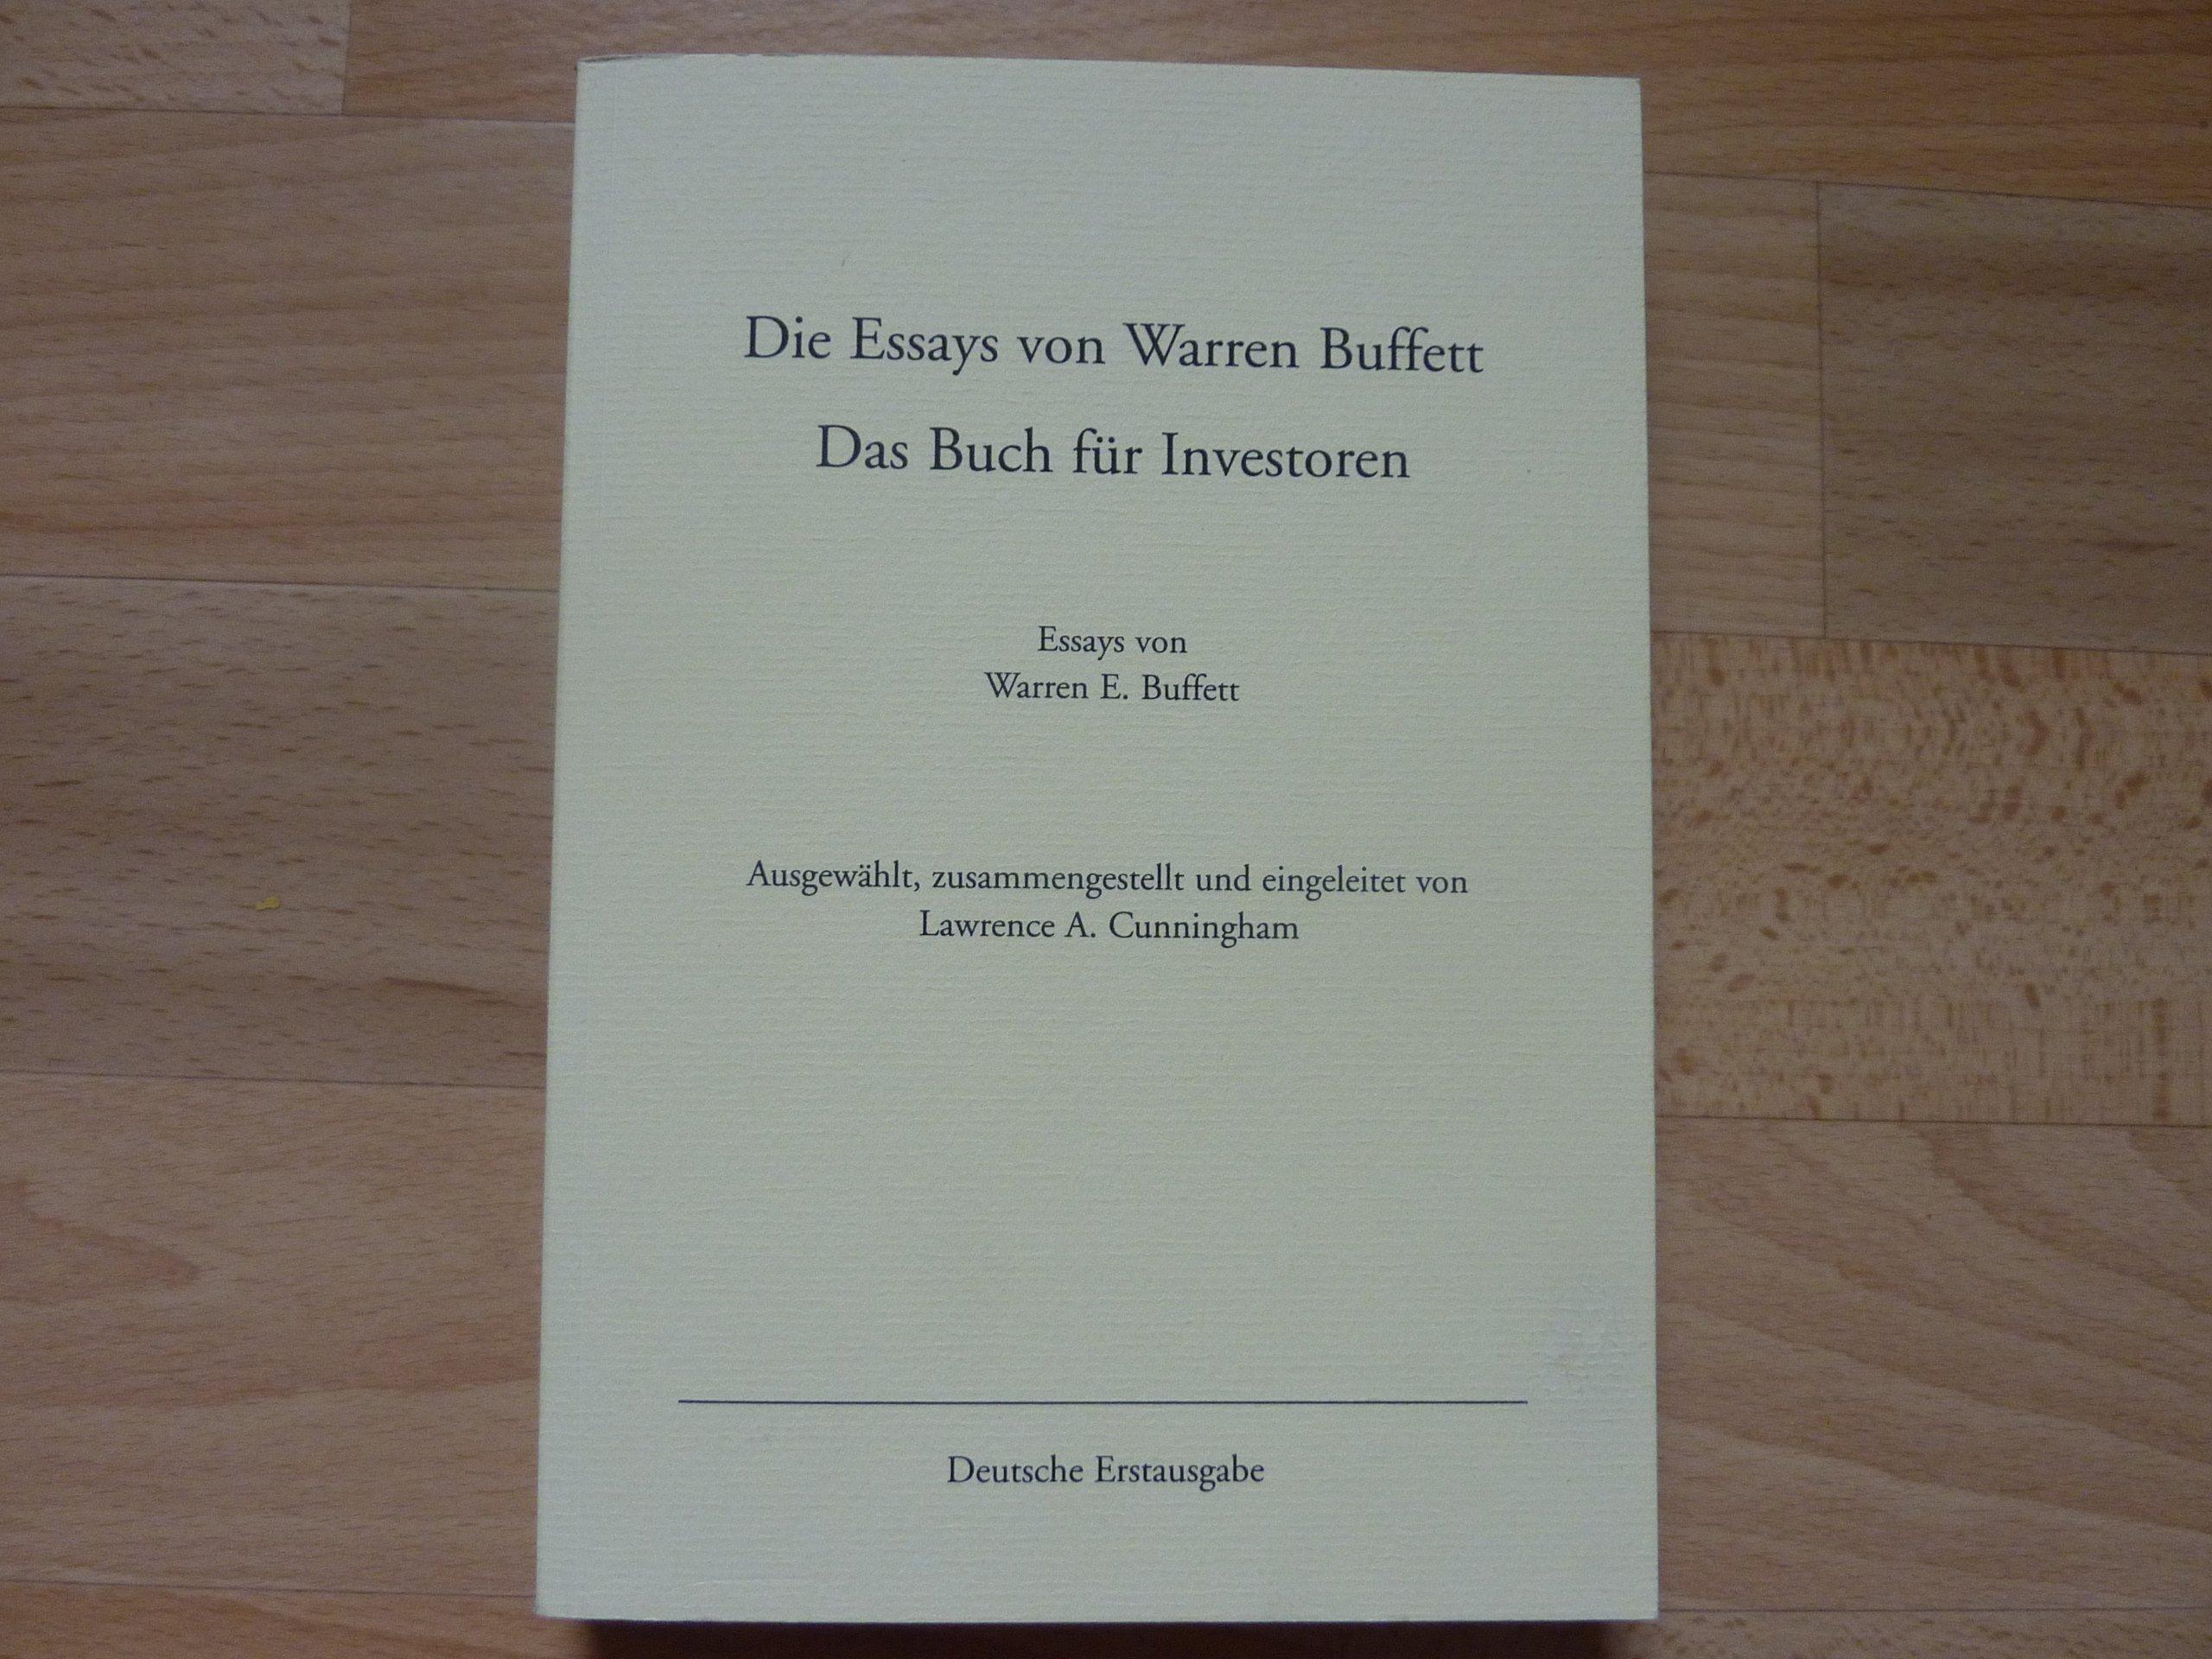 010 9152otplypl Essay Example Die Essays Von Warren Archaicawful Buffett Das Buch Für Investoren Pdf Und Unternehmer Full